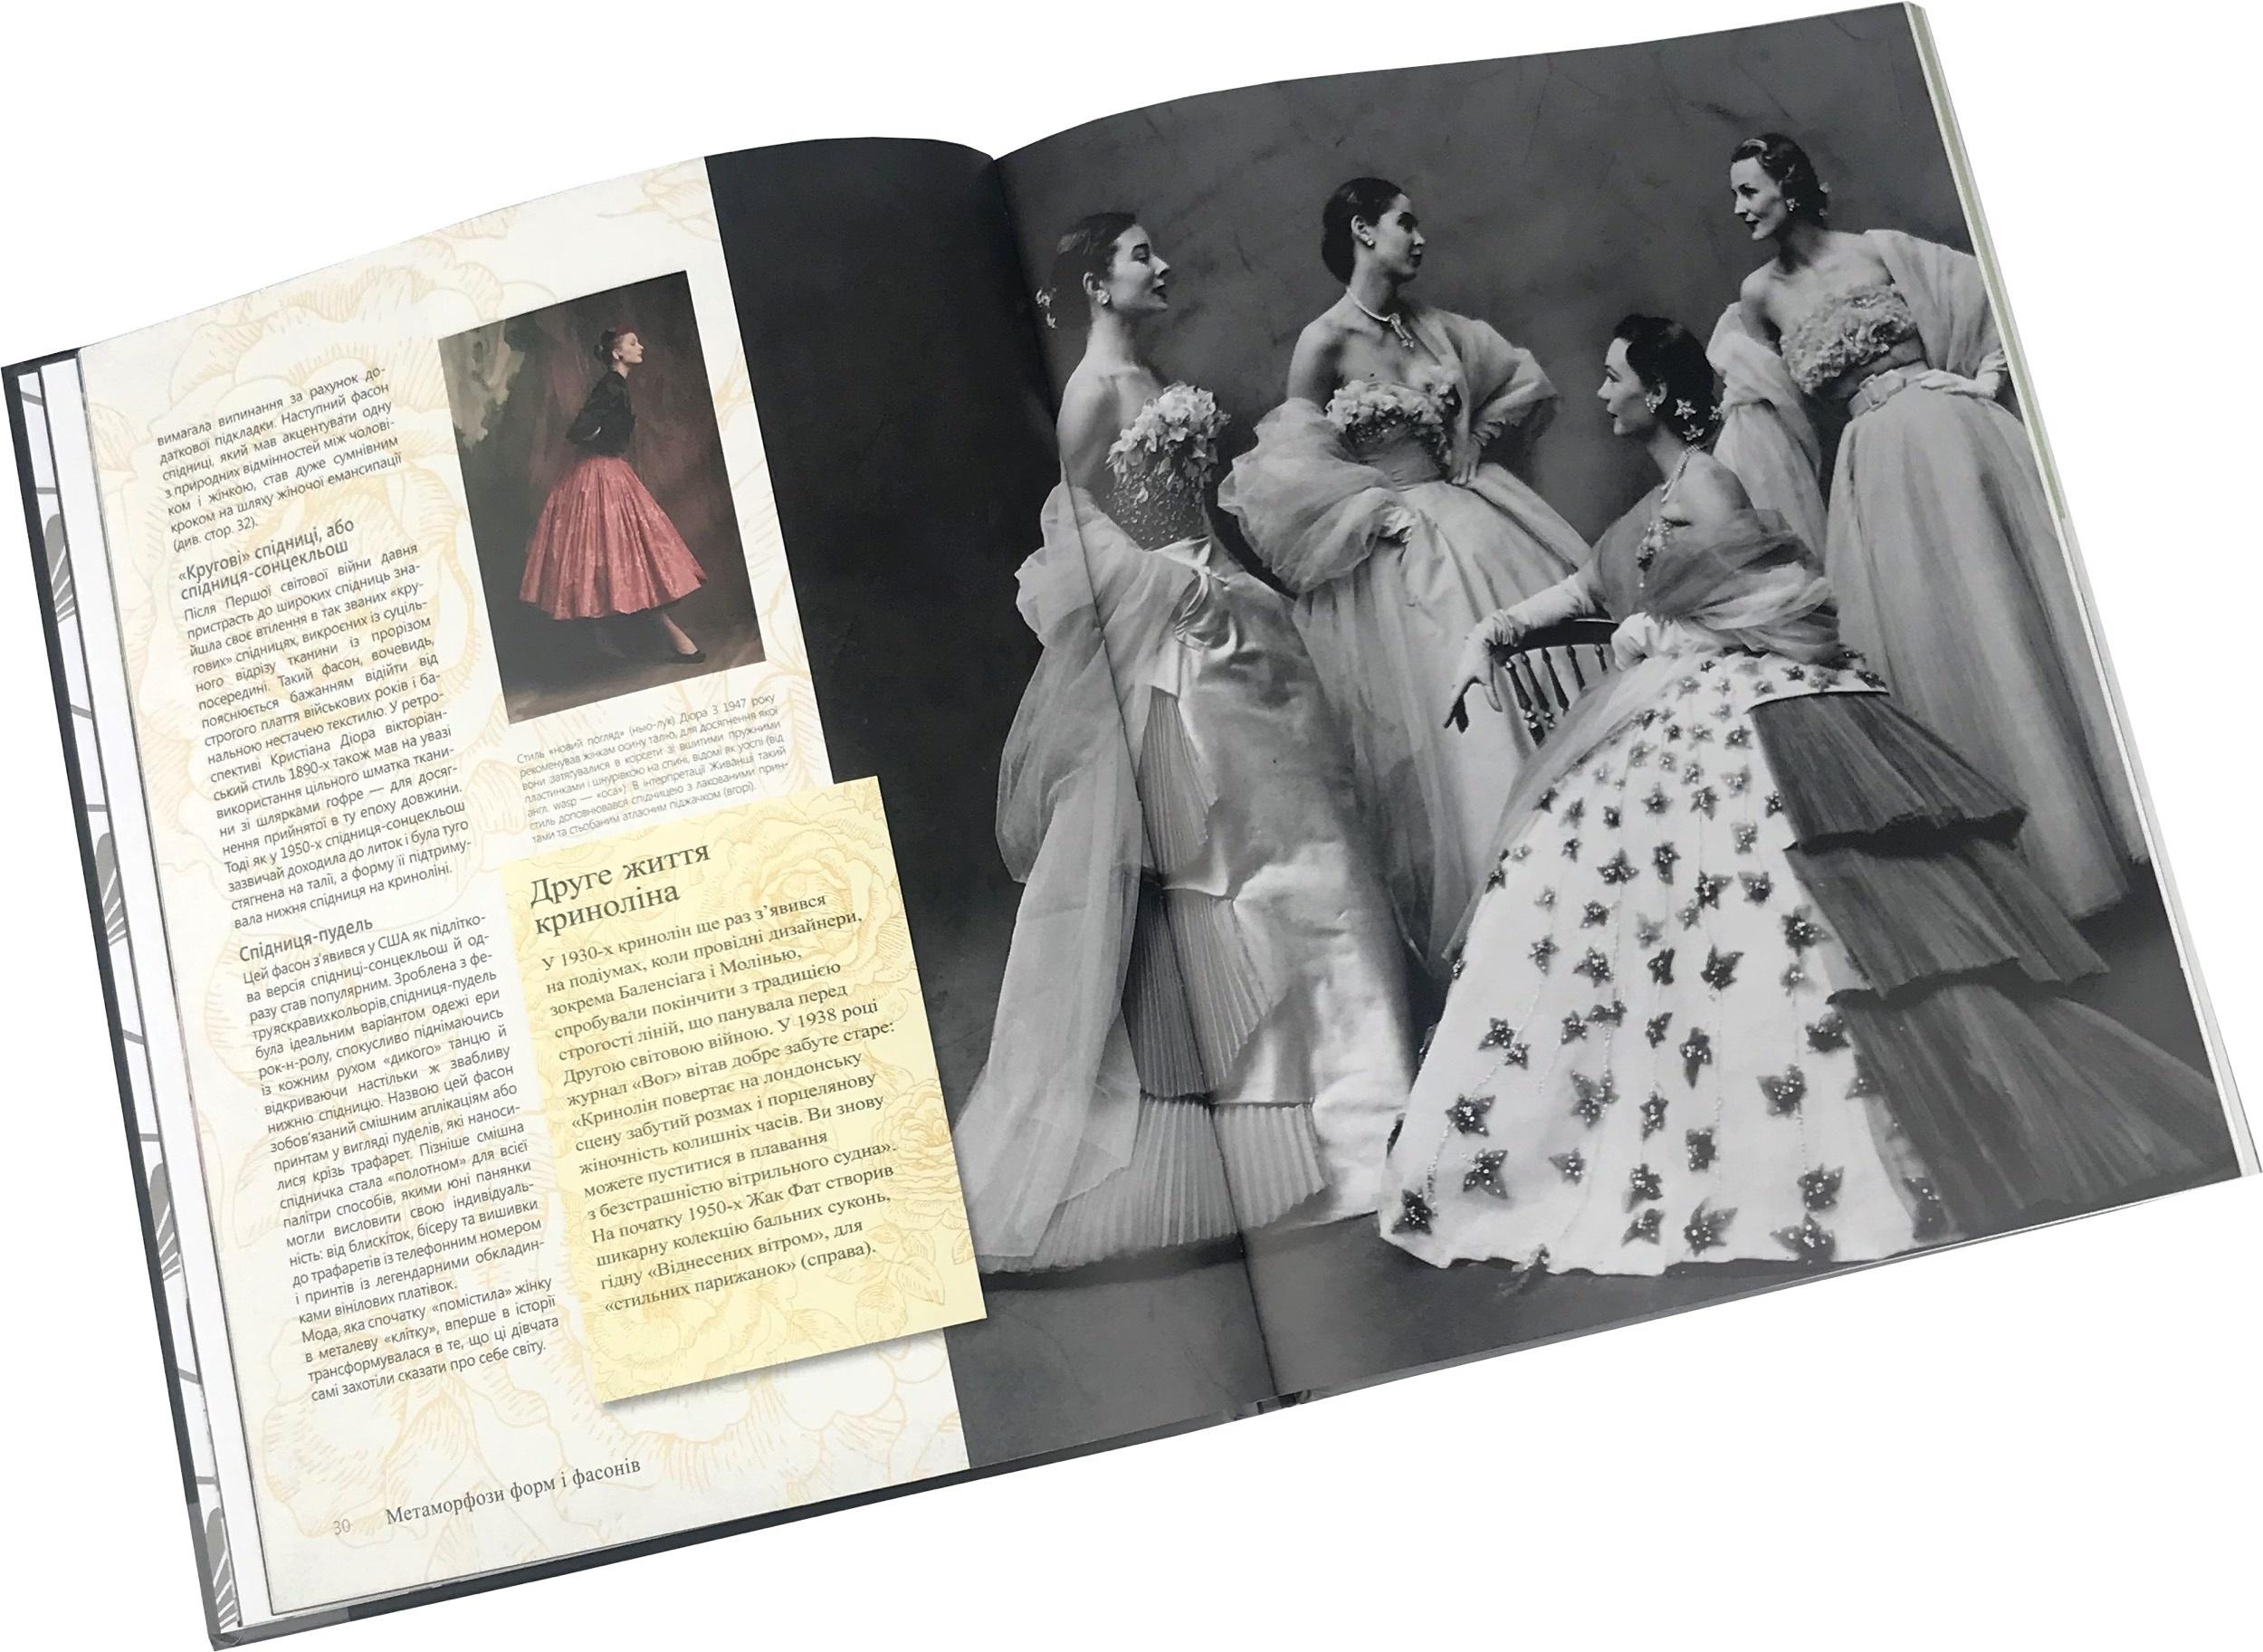 Історія моди. Ілюстрована енциклопедія від давнини до наших днів. Автор — Барбара Кокс.